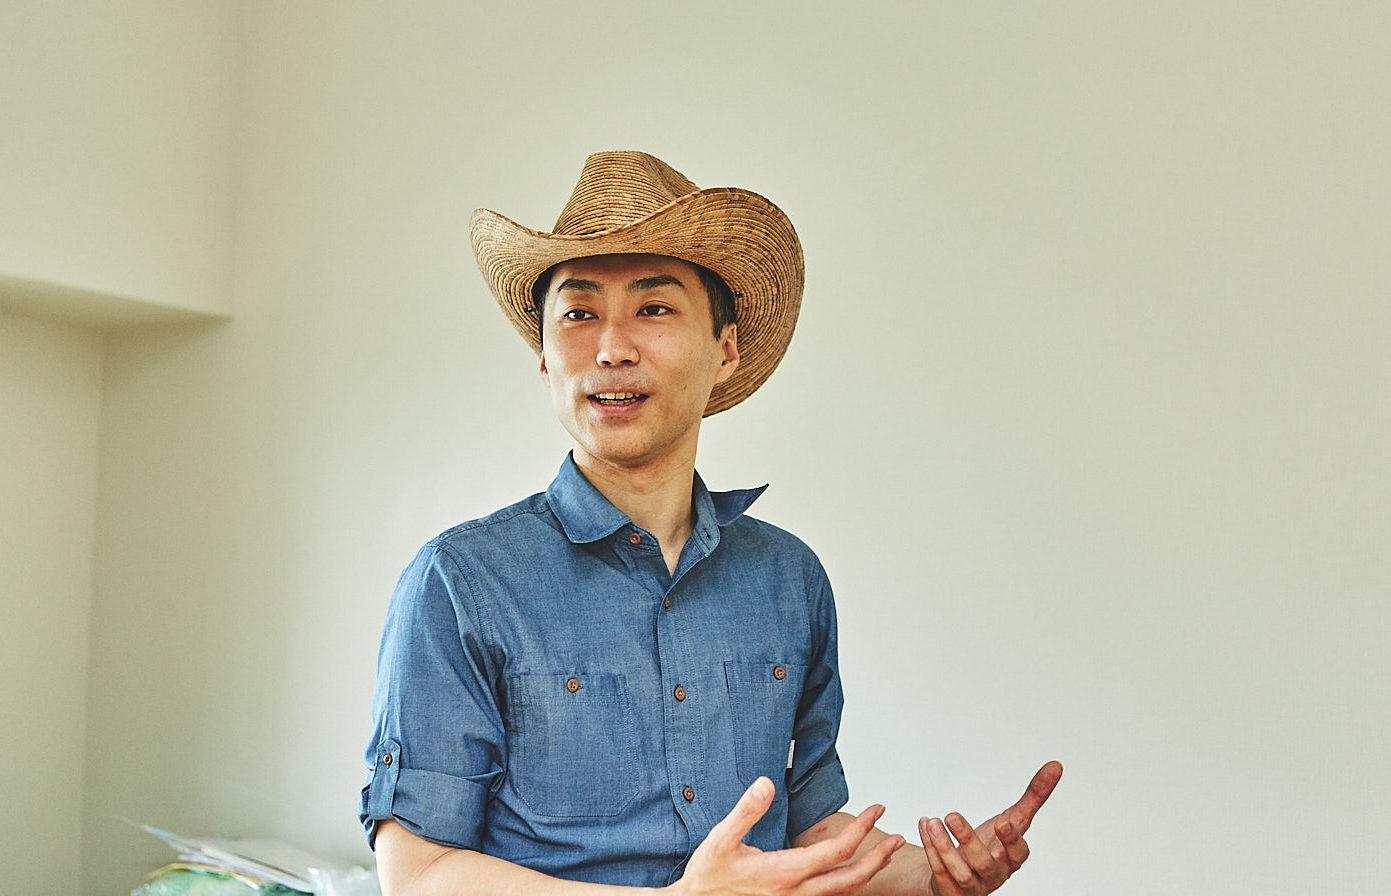 恐竜くん サイエンスコミュニケーター。幼いころに恐竜に魅せられ、16 歳で単身カナダに留学。アルバータ大学で古生物学を中心に広くサイエンスを学ぶ。恐竜展の企画・監修、トークショーやワークショップなど体験教室の開催、イラスト制作、ロボットや模型の監修、執筆、翻訳など幅広く手がける。本名、田中真士。 https://kyoryukun.com/